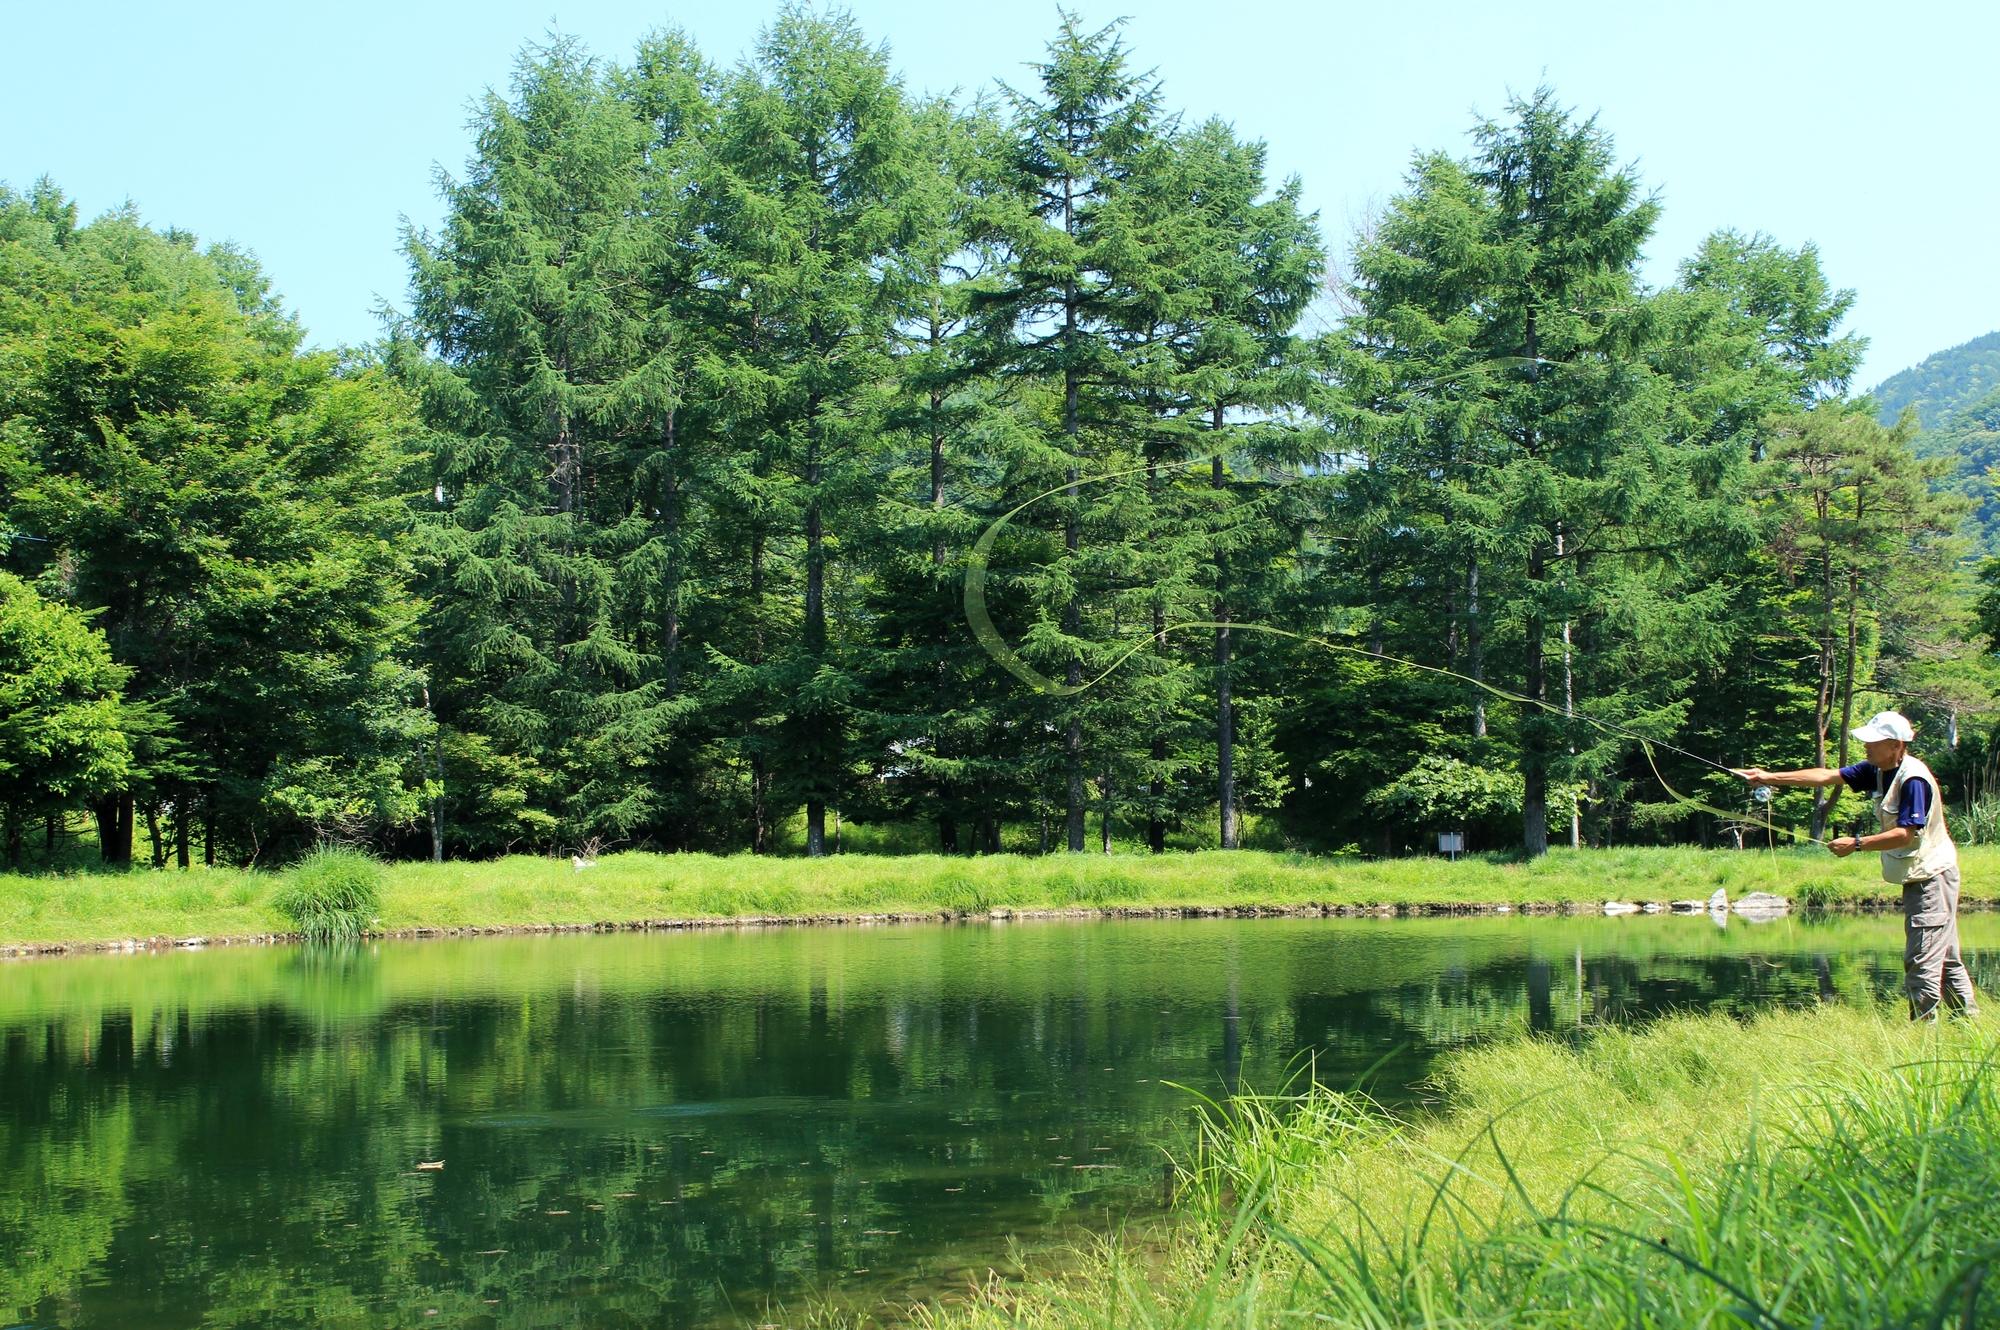 キャンプmeets管理釣り場♪気軽に魚釣りができるキャンプ場〜東日本編